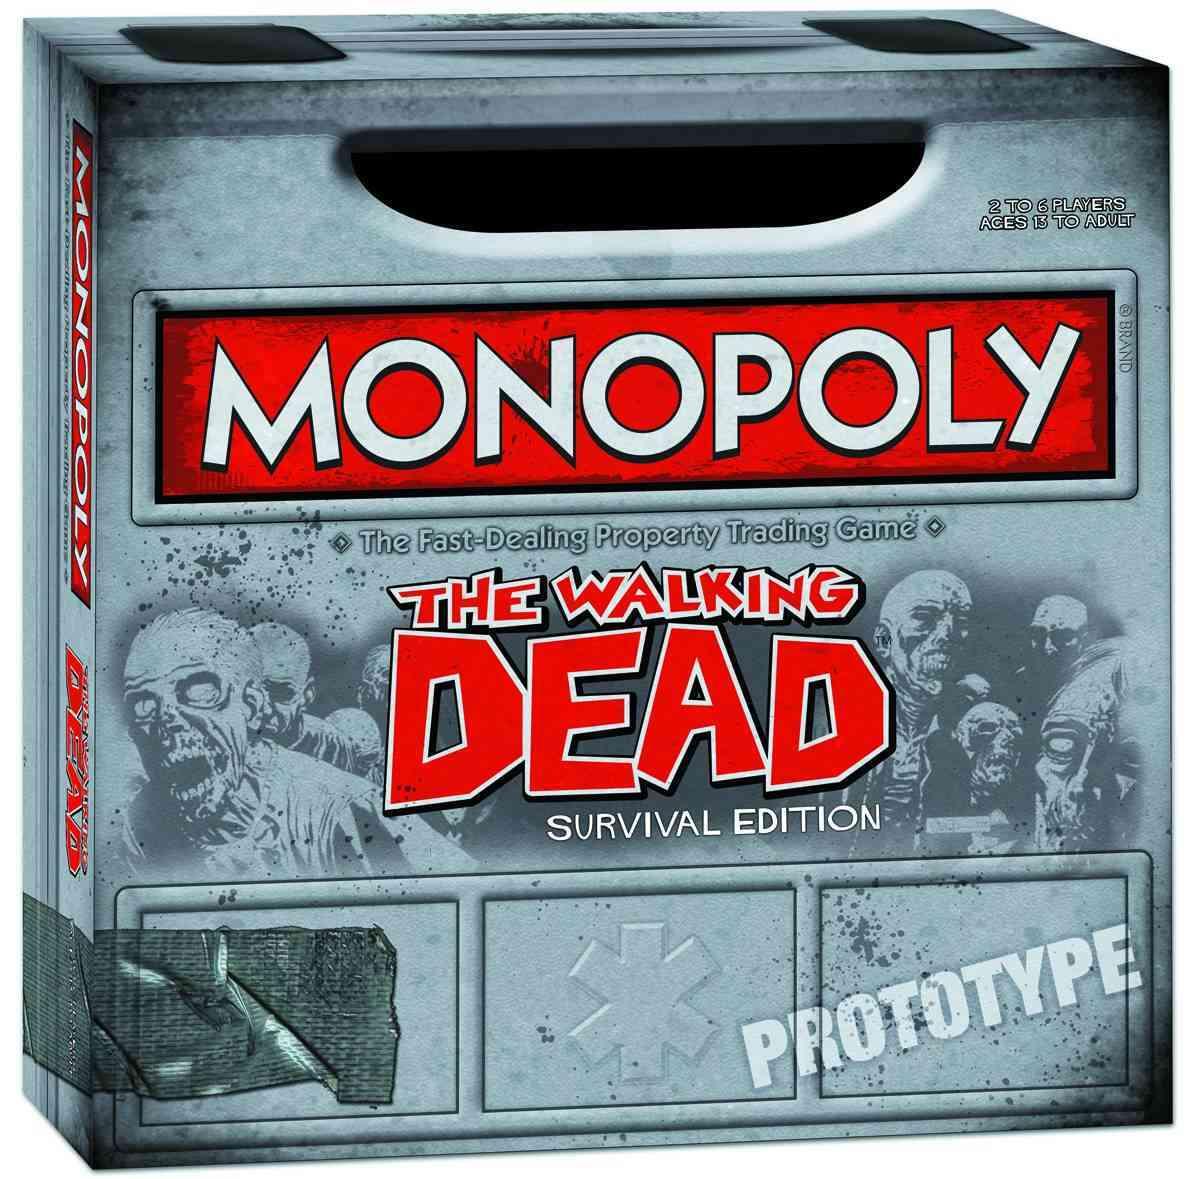 Monopoly Walking Dead Survival Edition